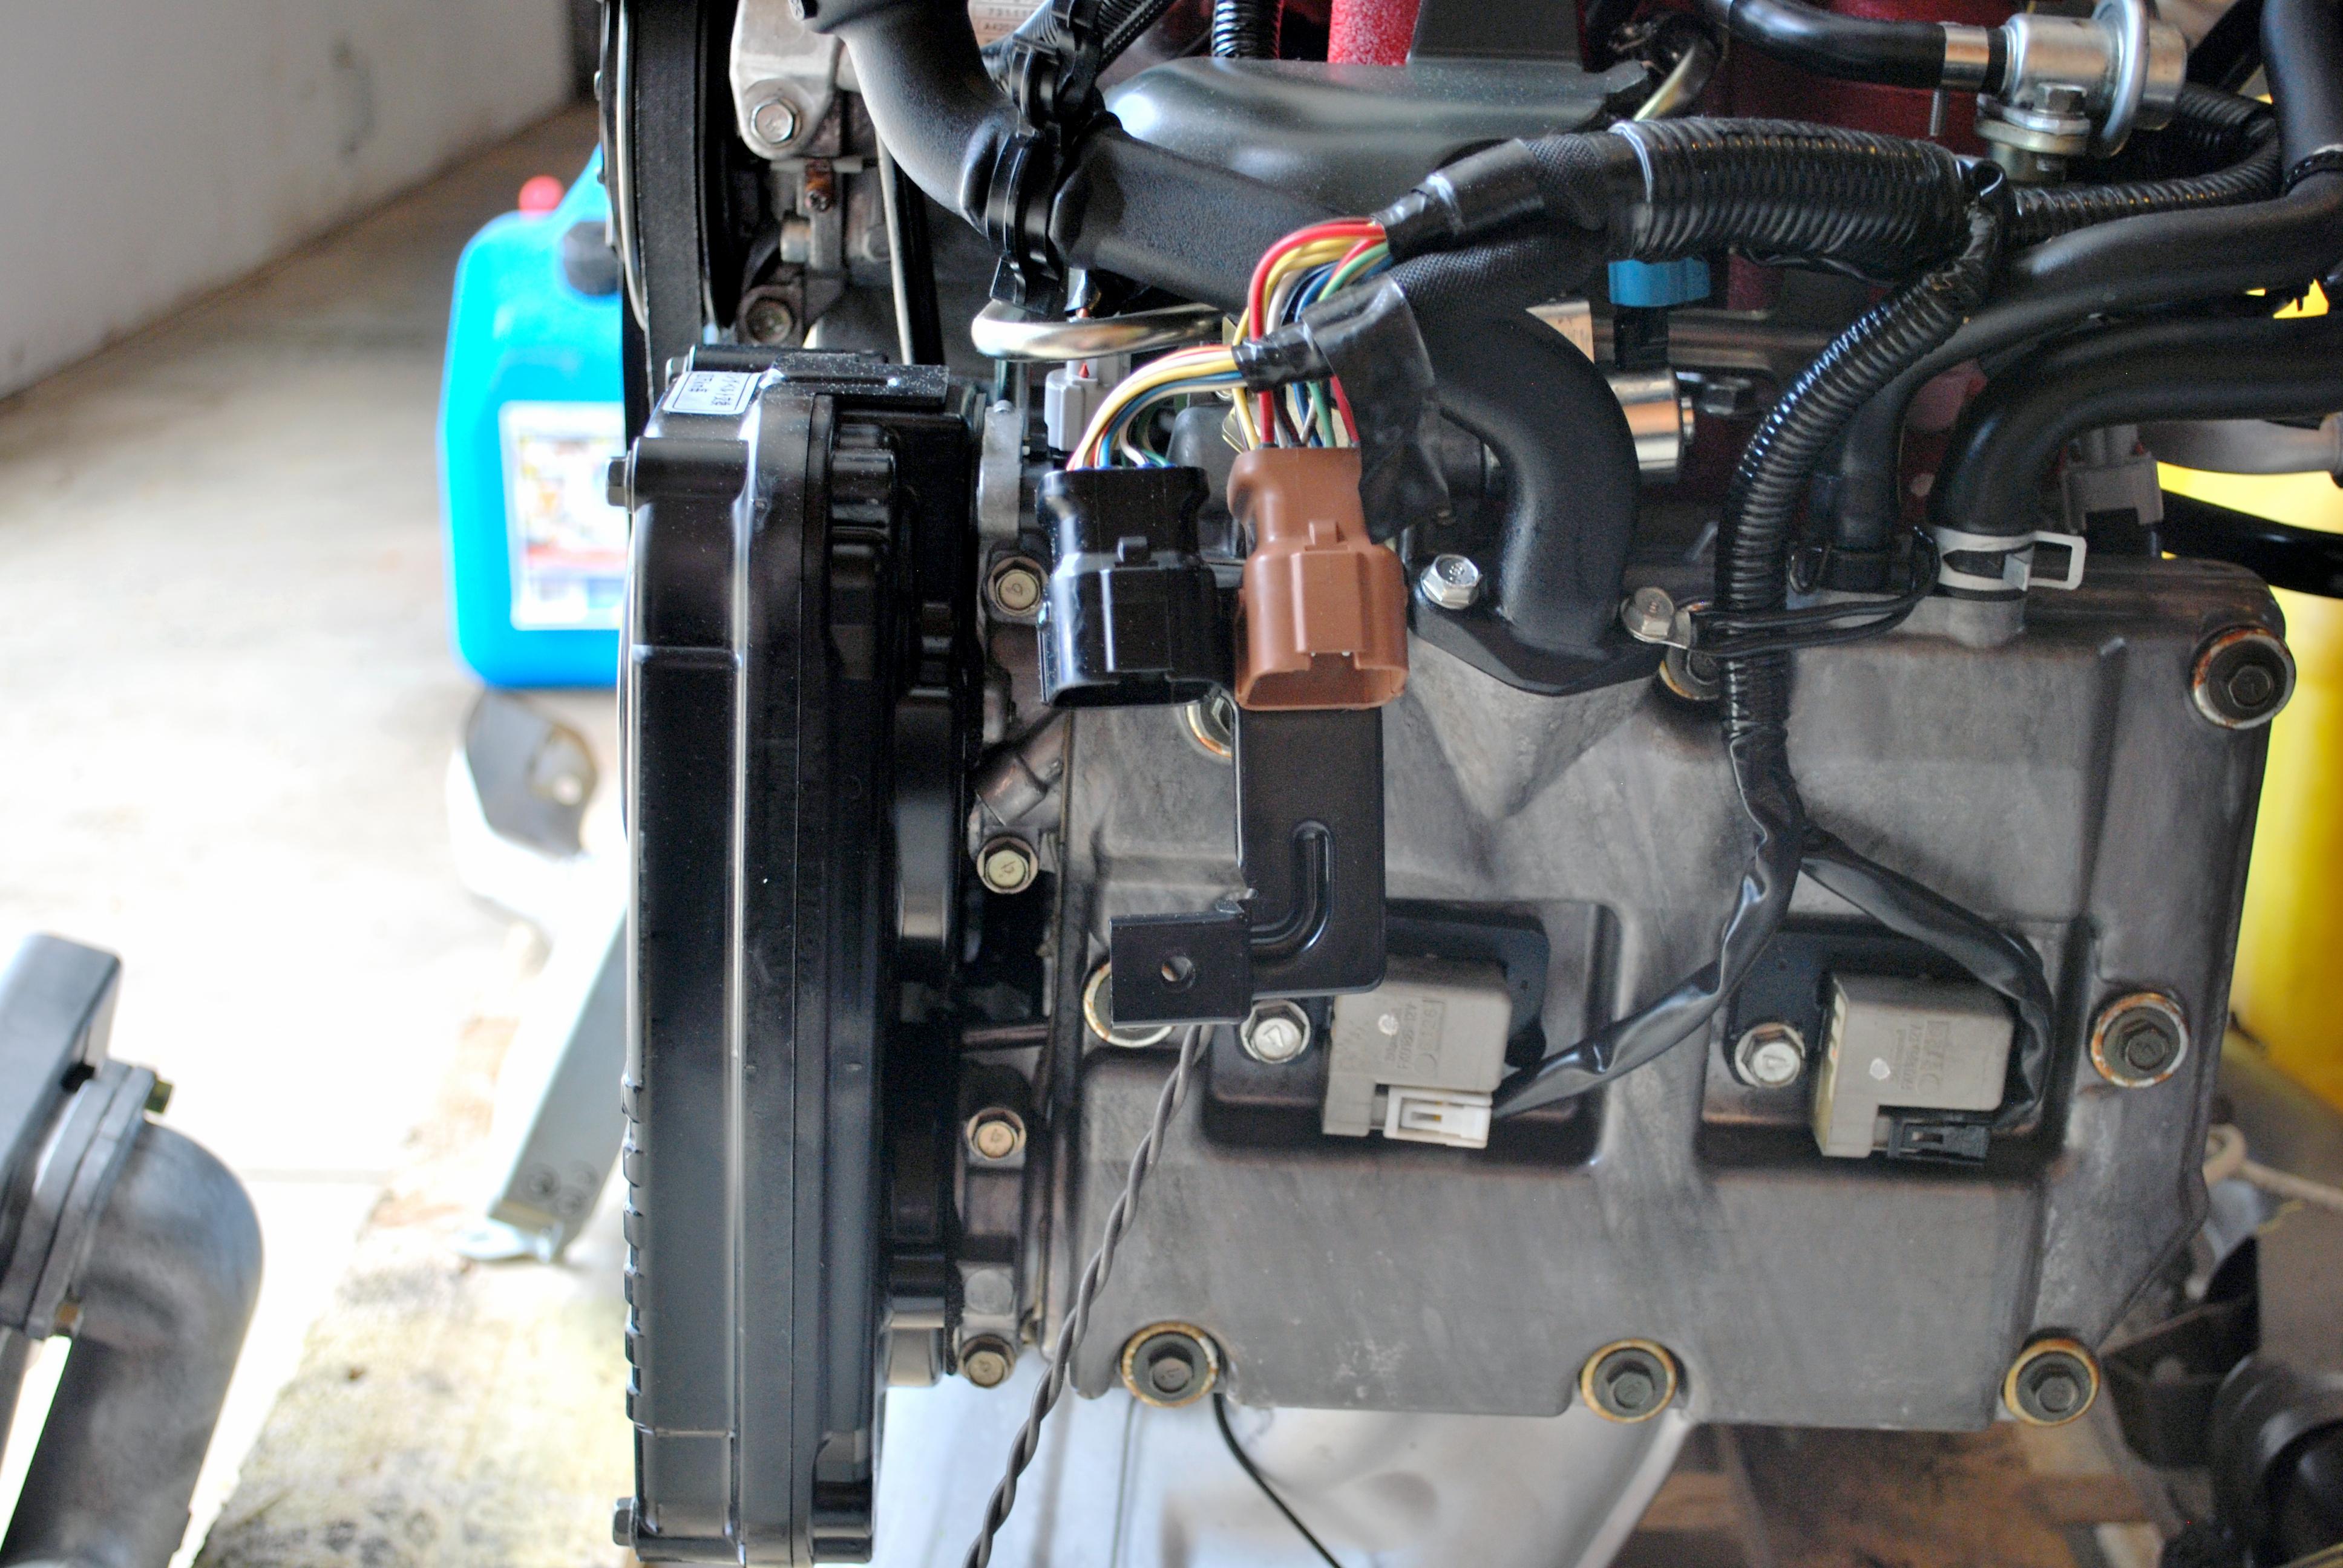 So You Want A Gd Ej207 Jn Garage Subaru Ej20 Engine Wiring Diagram Dsc 0297